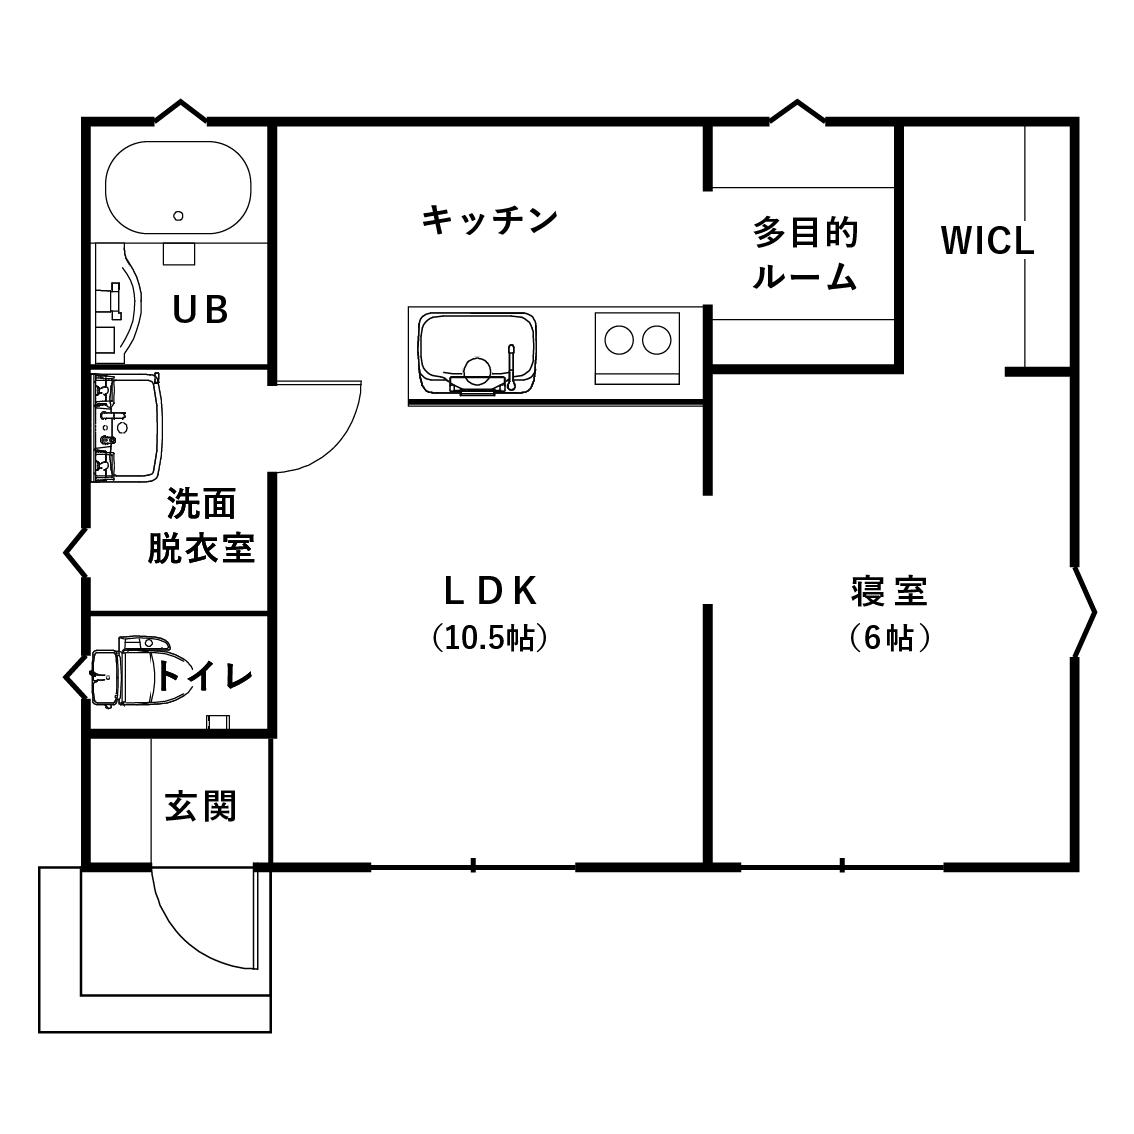 狭小住宅の間取り10坪のスモールハウス④独身のおひとり様におすすめしたい「俺の城」【FIT BOND】